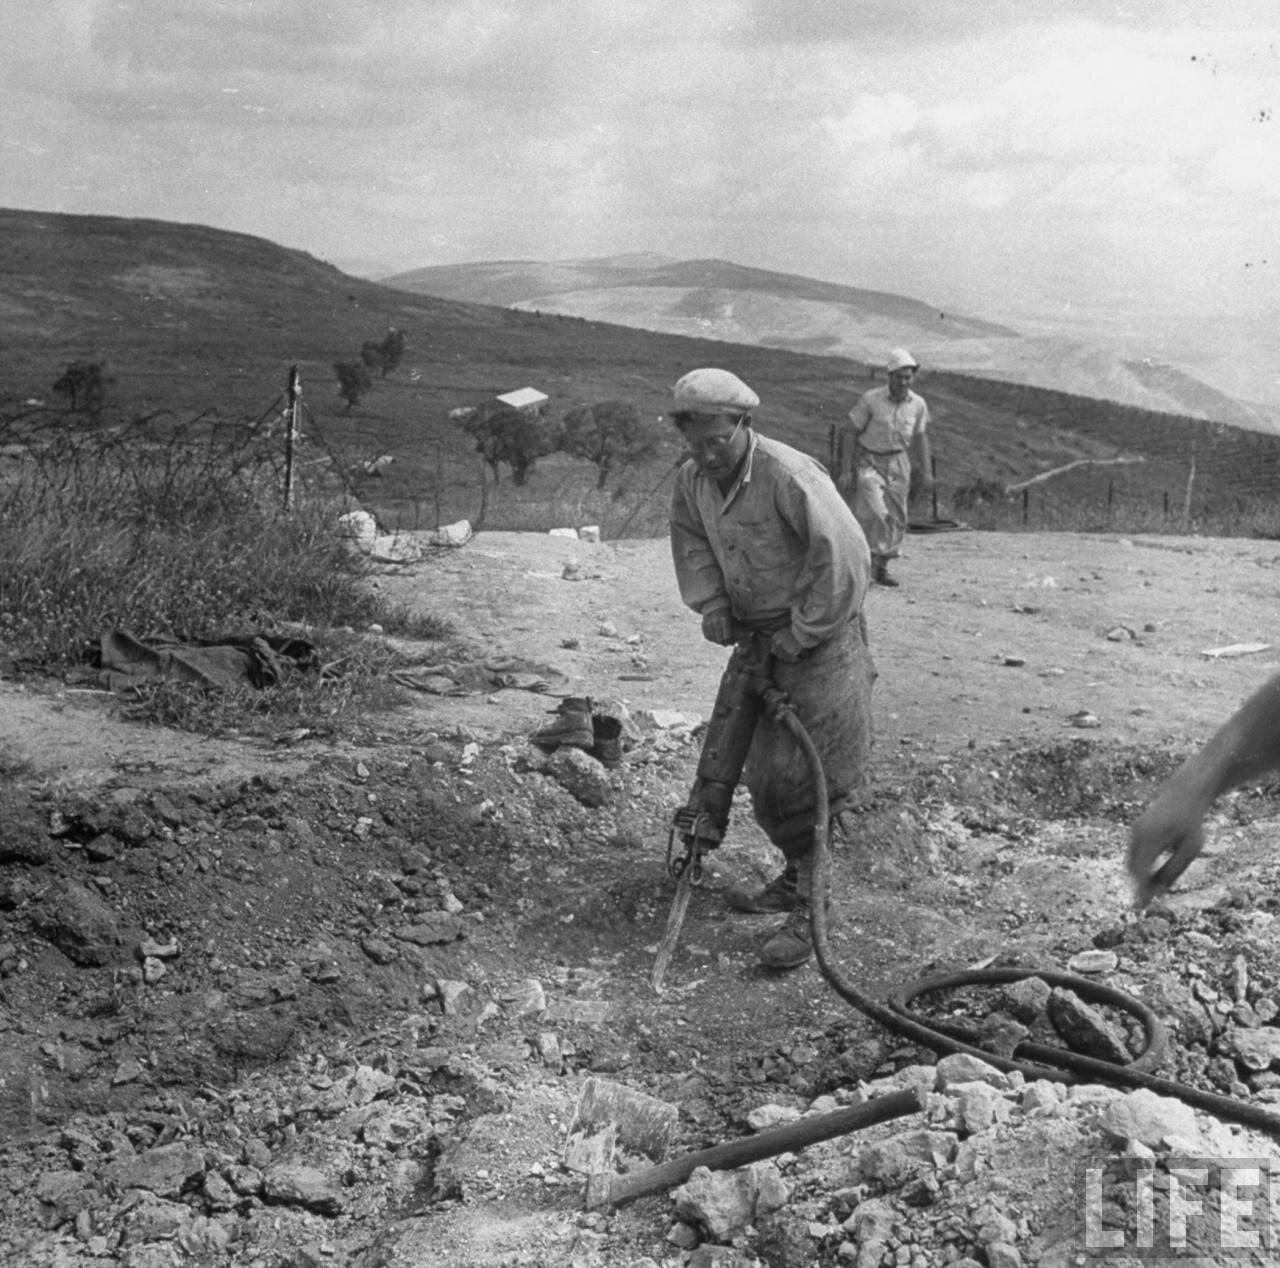 1948. Рытье траншей на растоянии одной мили от границы с Ливаном